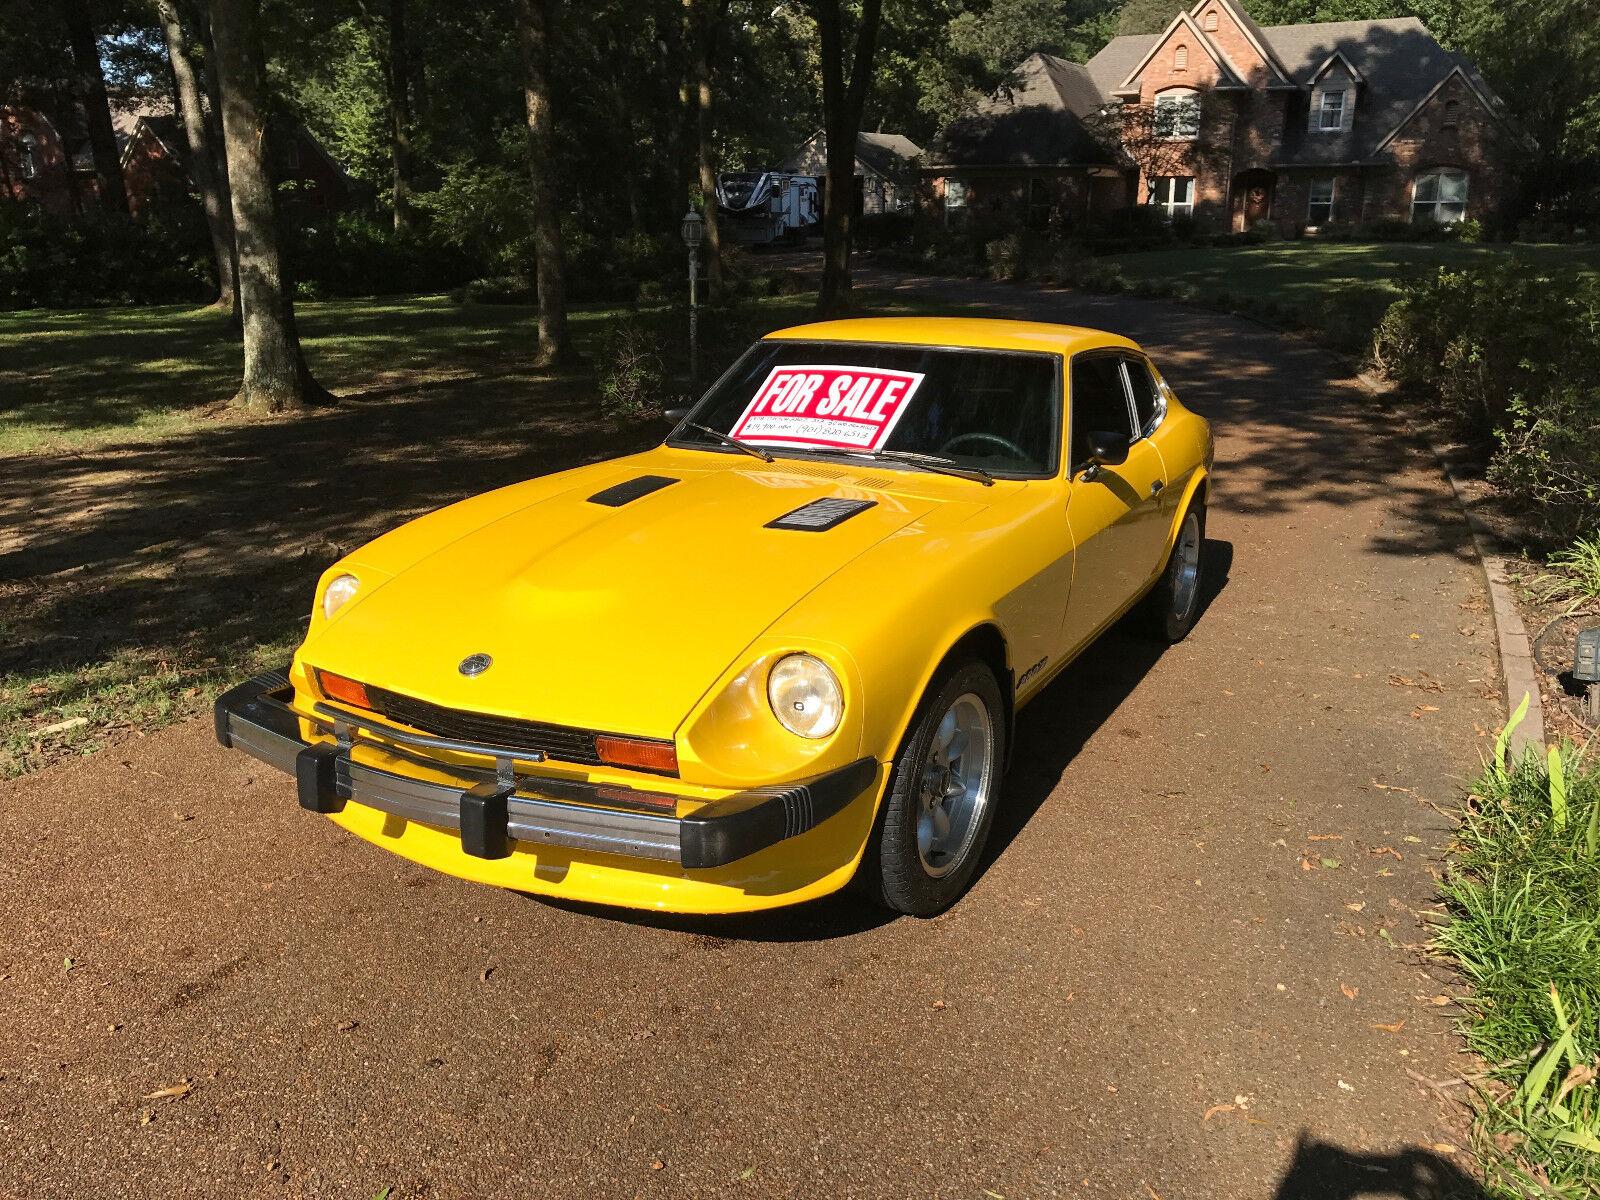 1978 Nissan 280Z 2+2 Coupe 2-Door 1978 Datsun 280Z 2+2 Coupe 2-Door 2.8L NO RESERVE